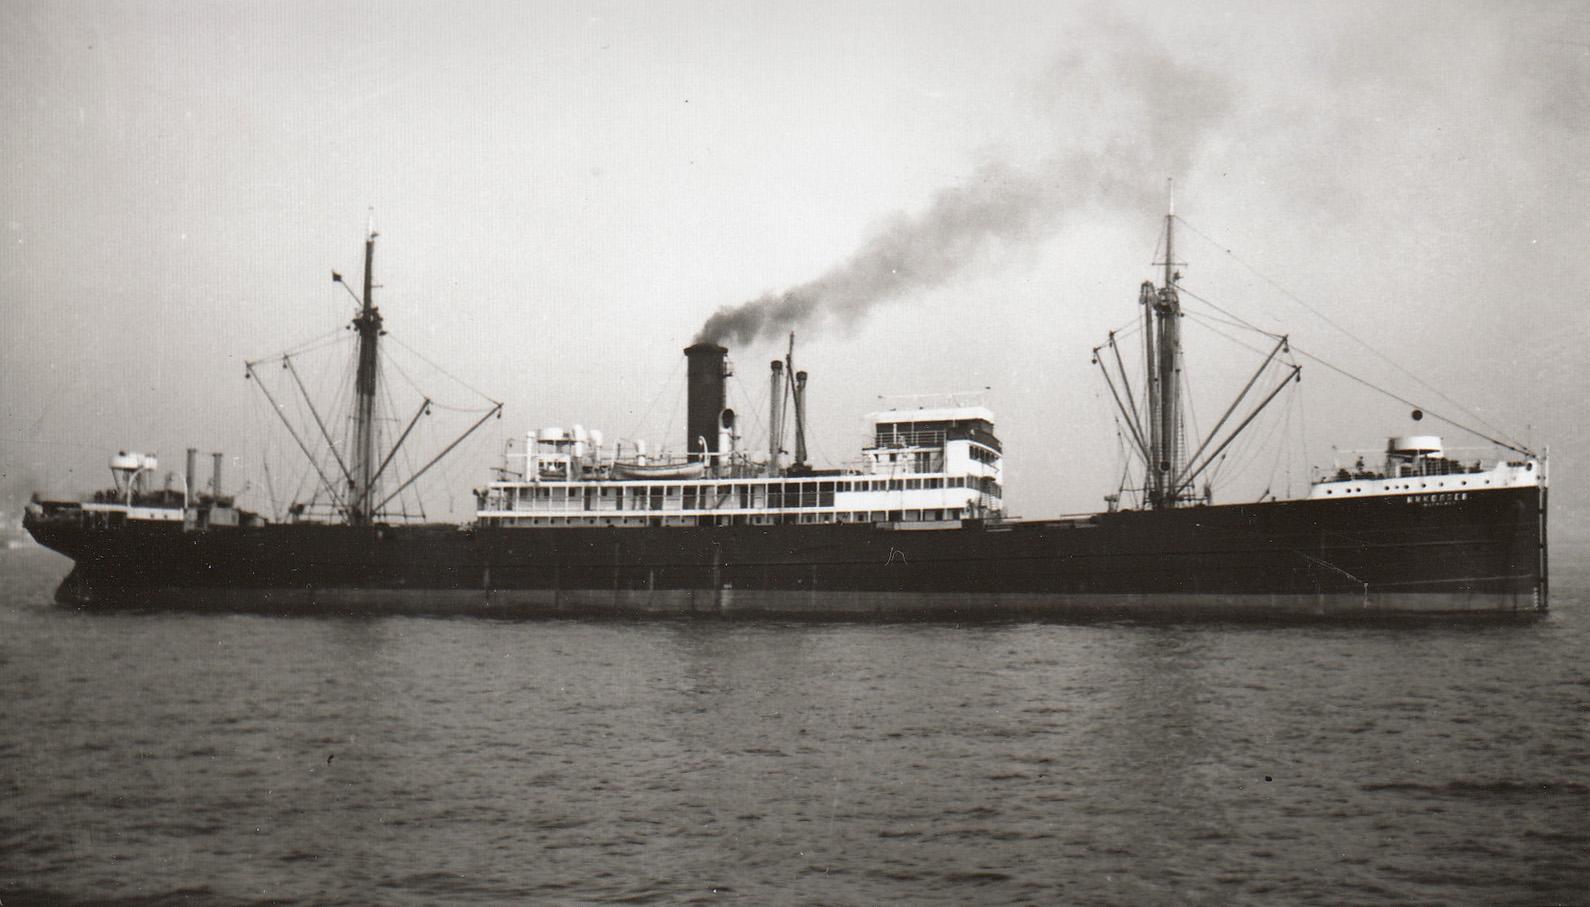 """După semnarea Armistișiului, nava """"Alba Iulia"""" a fost preluată de Armata Roșie și a primit numele """"Nikolaev""""."""